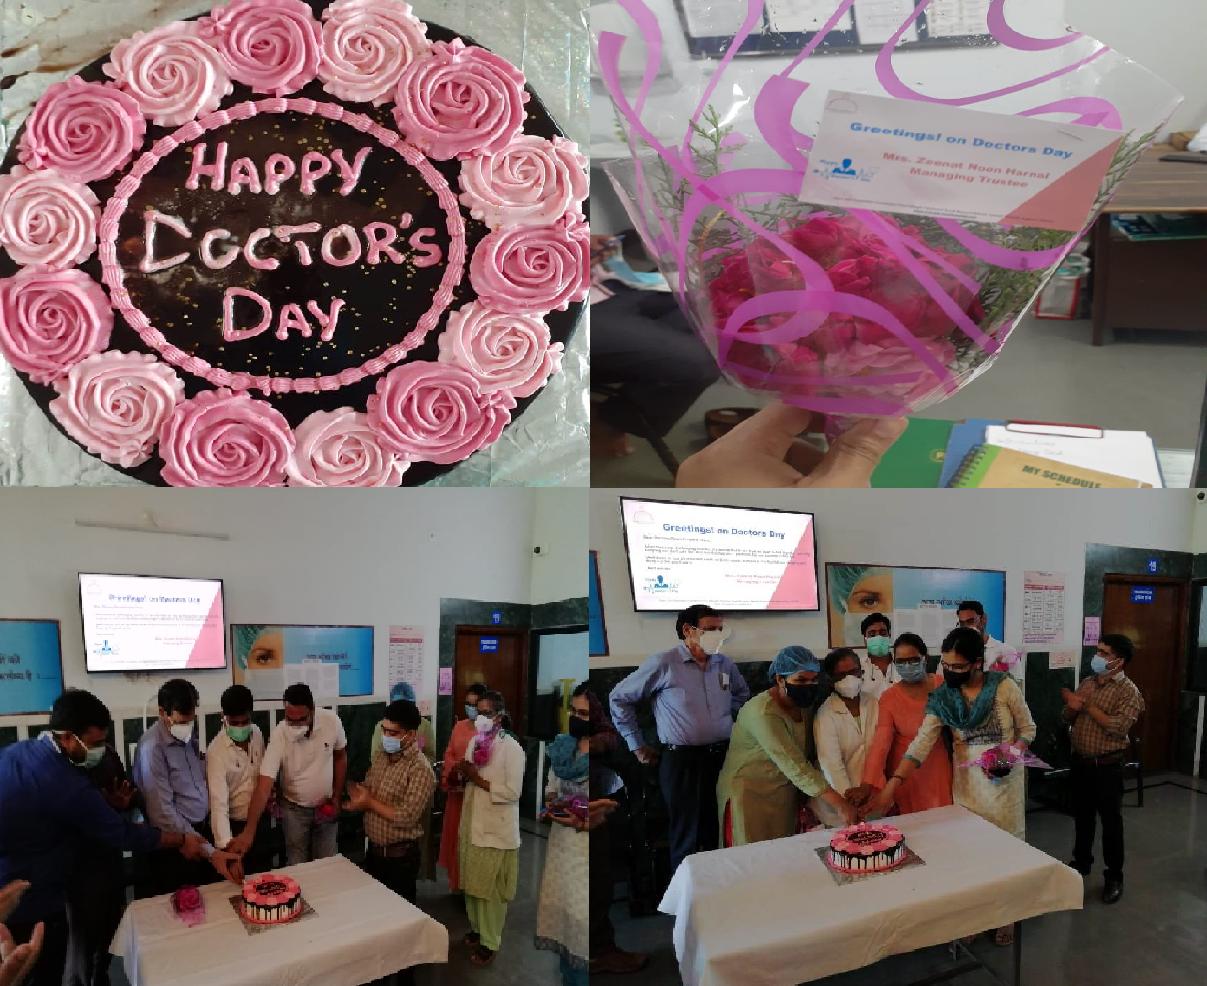 नून अस्पताल में मनाया गया डॉक्टर दिवस!